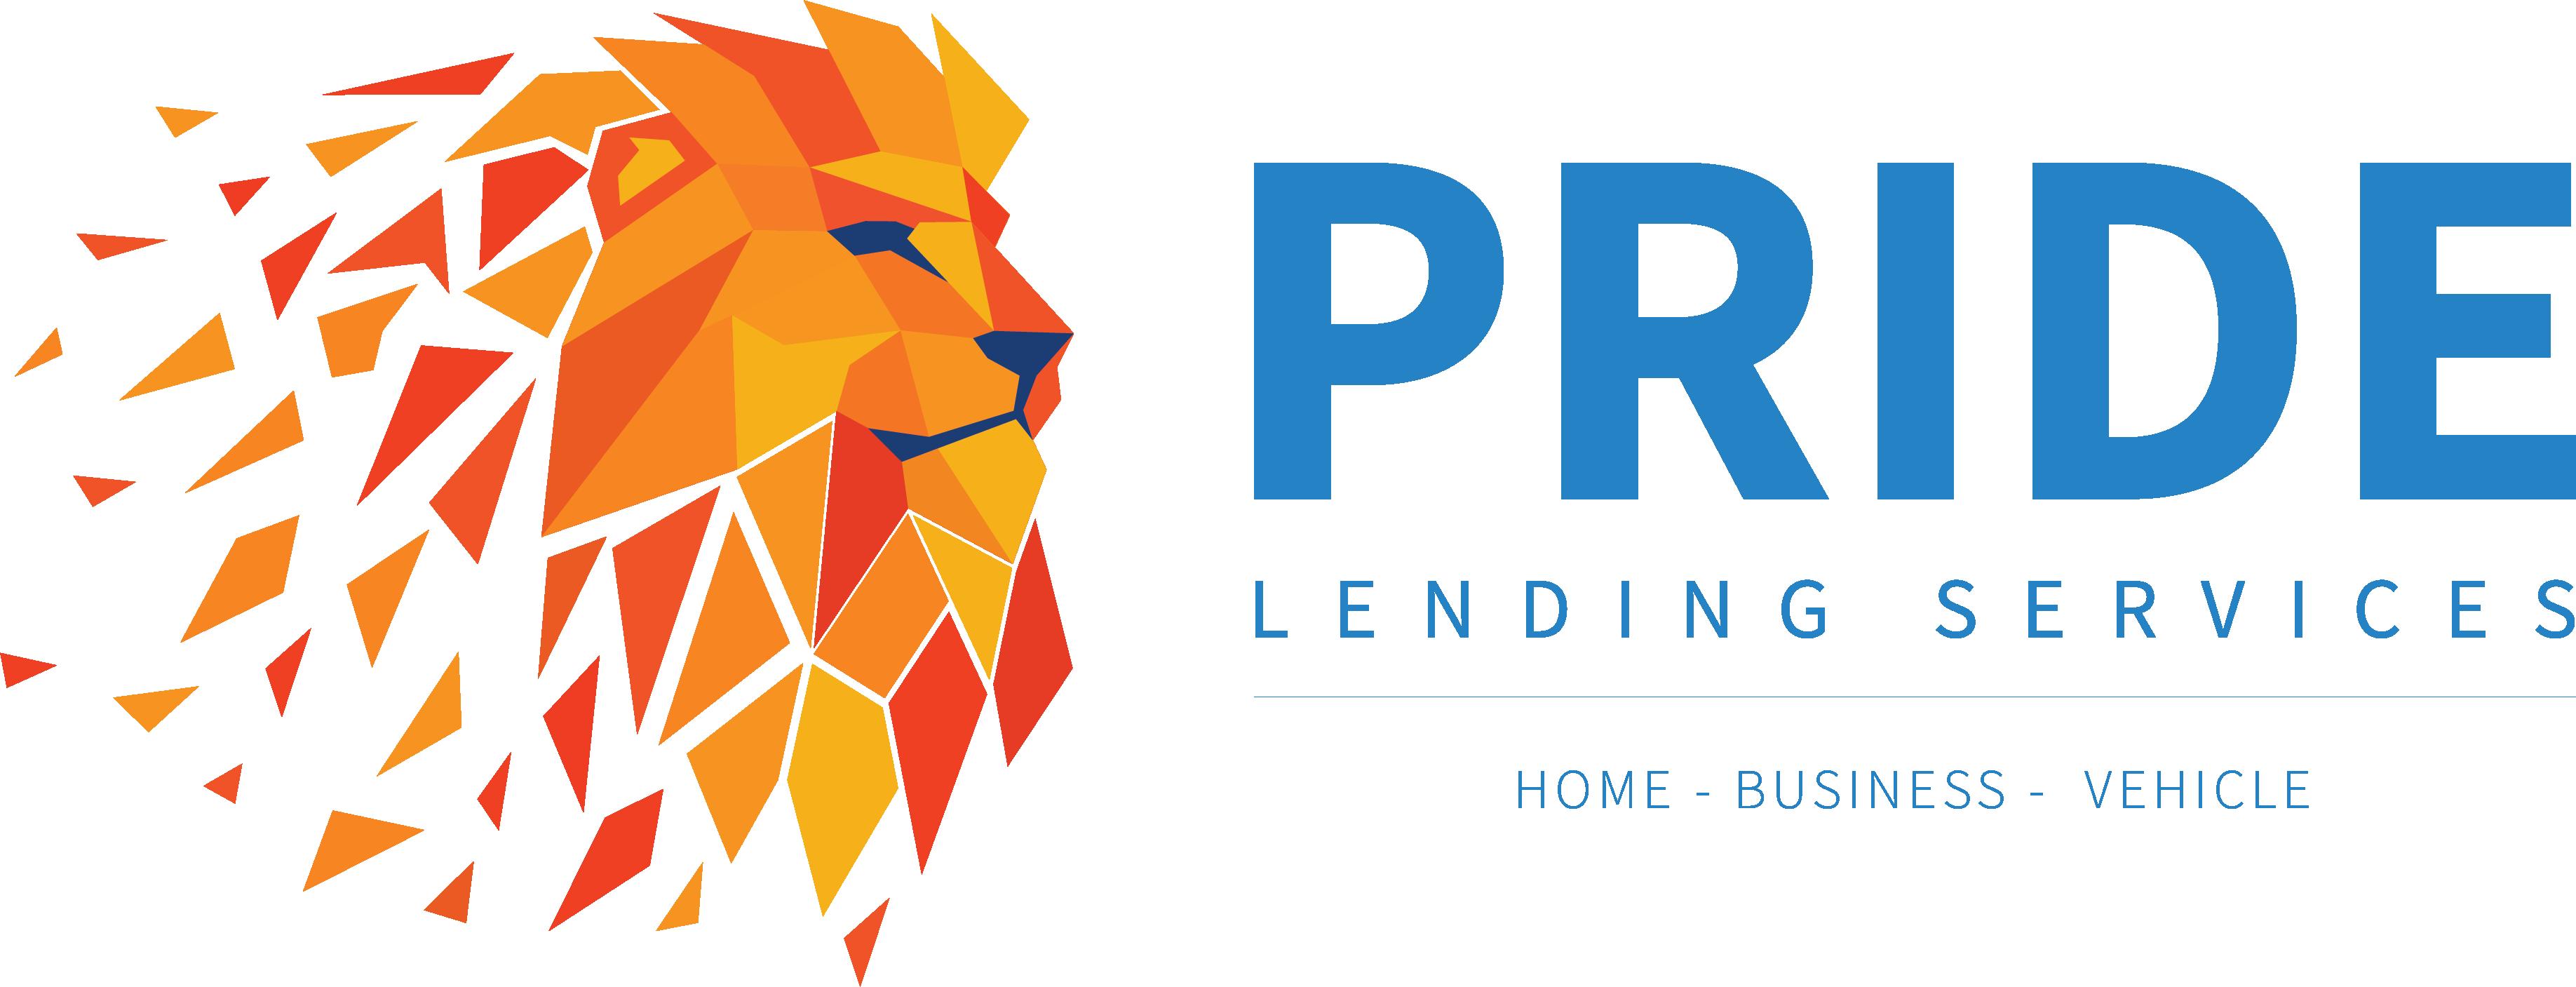 Yelland Property Loans